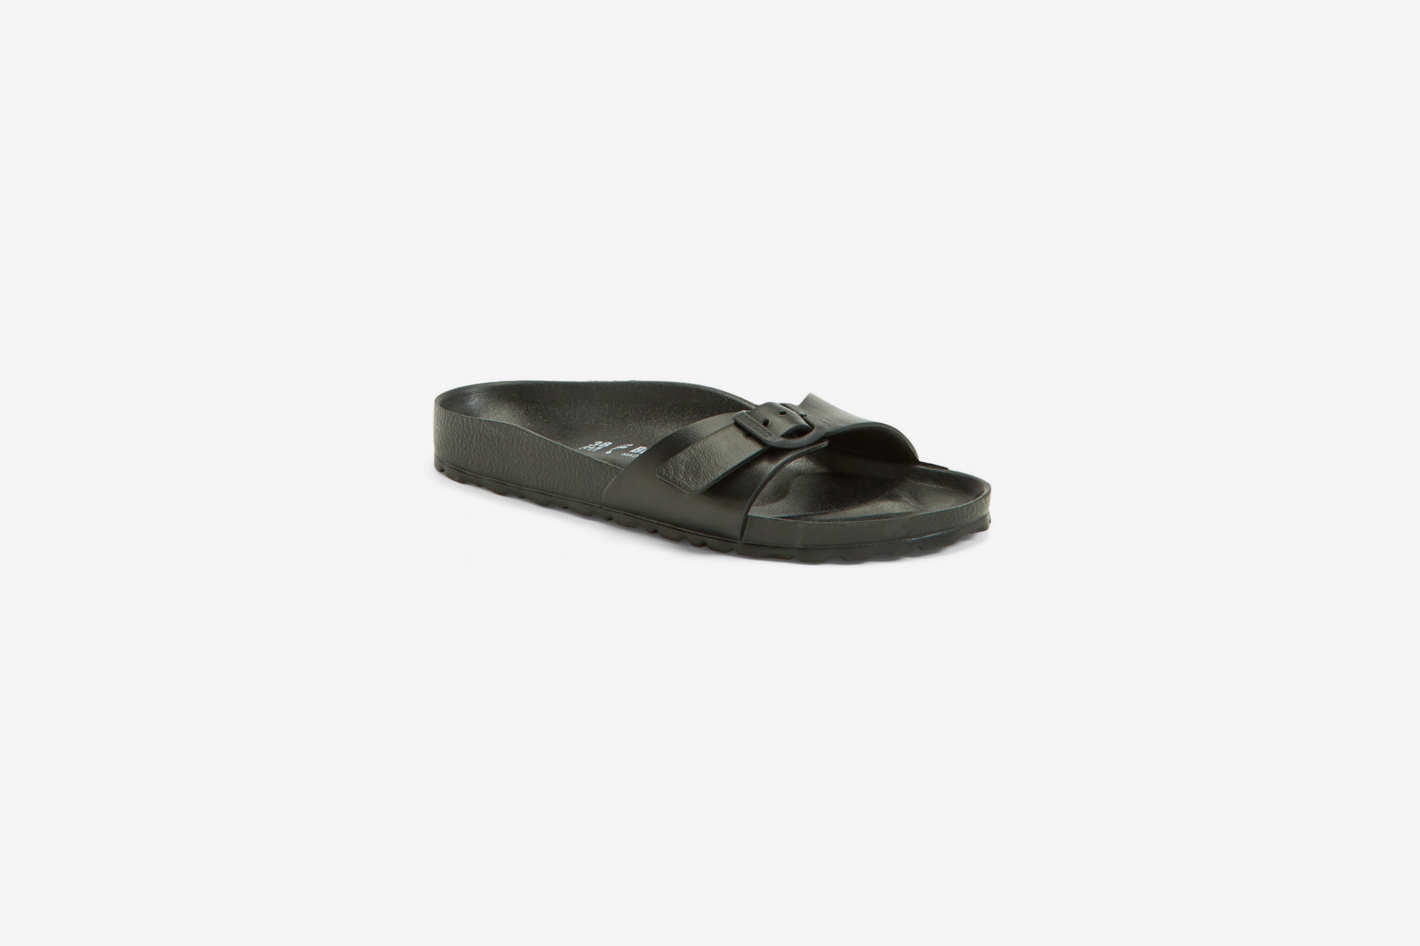 Birkenstock Madrid Waterproof Slide Sandal (Discontinued)